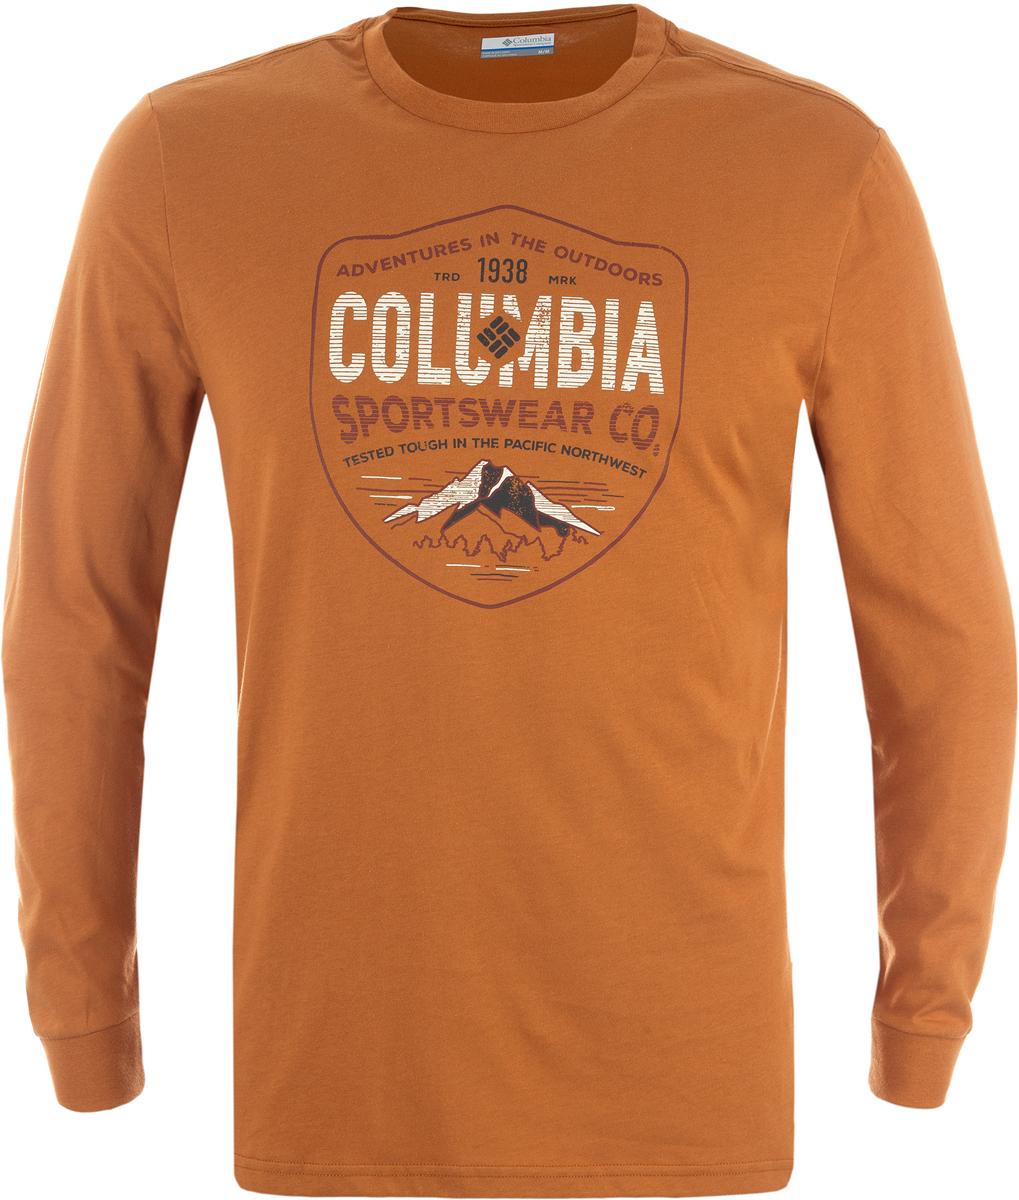 Лонгслив мужской Columbia Rugged Shield Ls M T-Shirt, цвет: коричневый. 1739411-708. Размер XXL (56/58)1739411-708Мужской лонгслив Rugged Shield от Columbia, выполненный из натуральных тканей прекрасно дополнит гардероб. Модель прямого кроя с длинными рукавами и круглым вырезом горловины. Спереди изделие оформлено принтом с названием бренда.